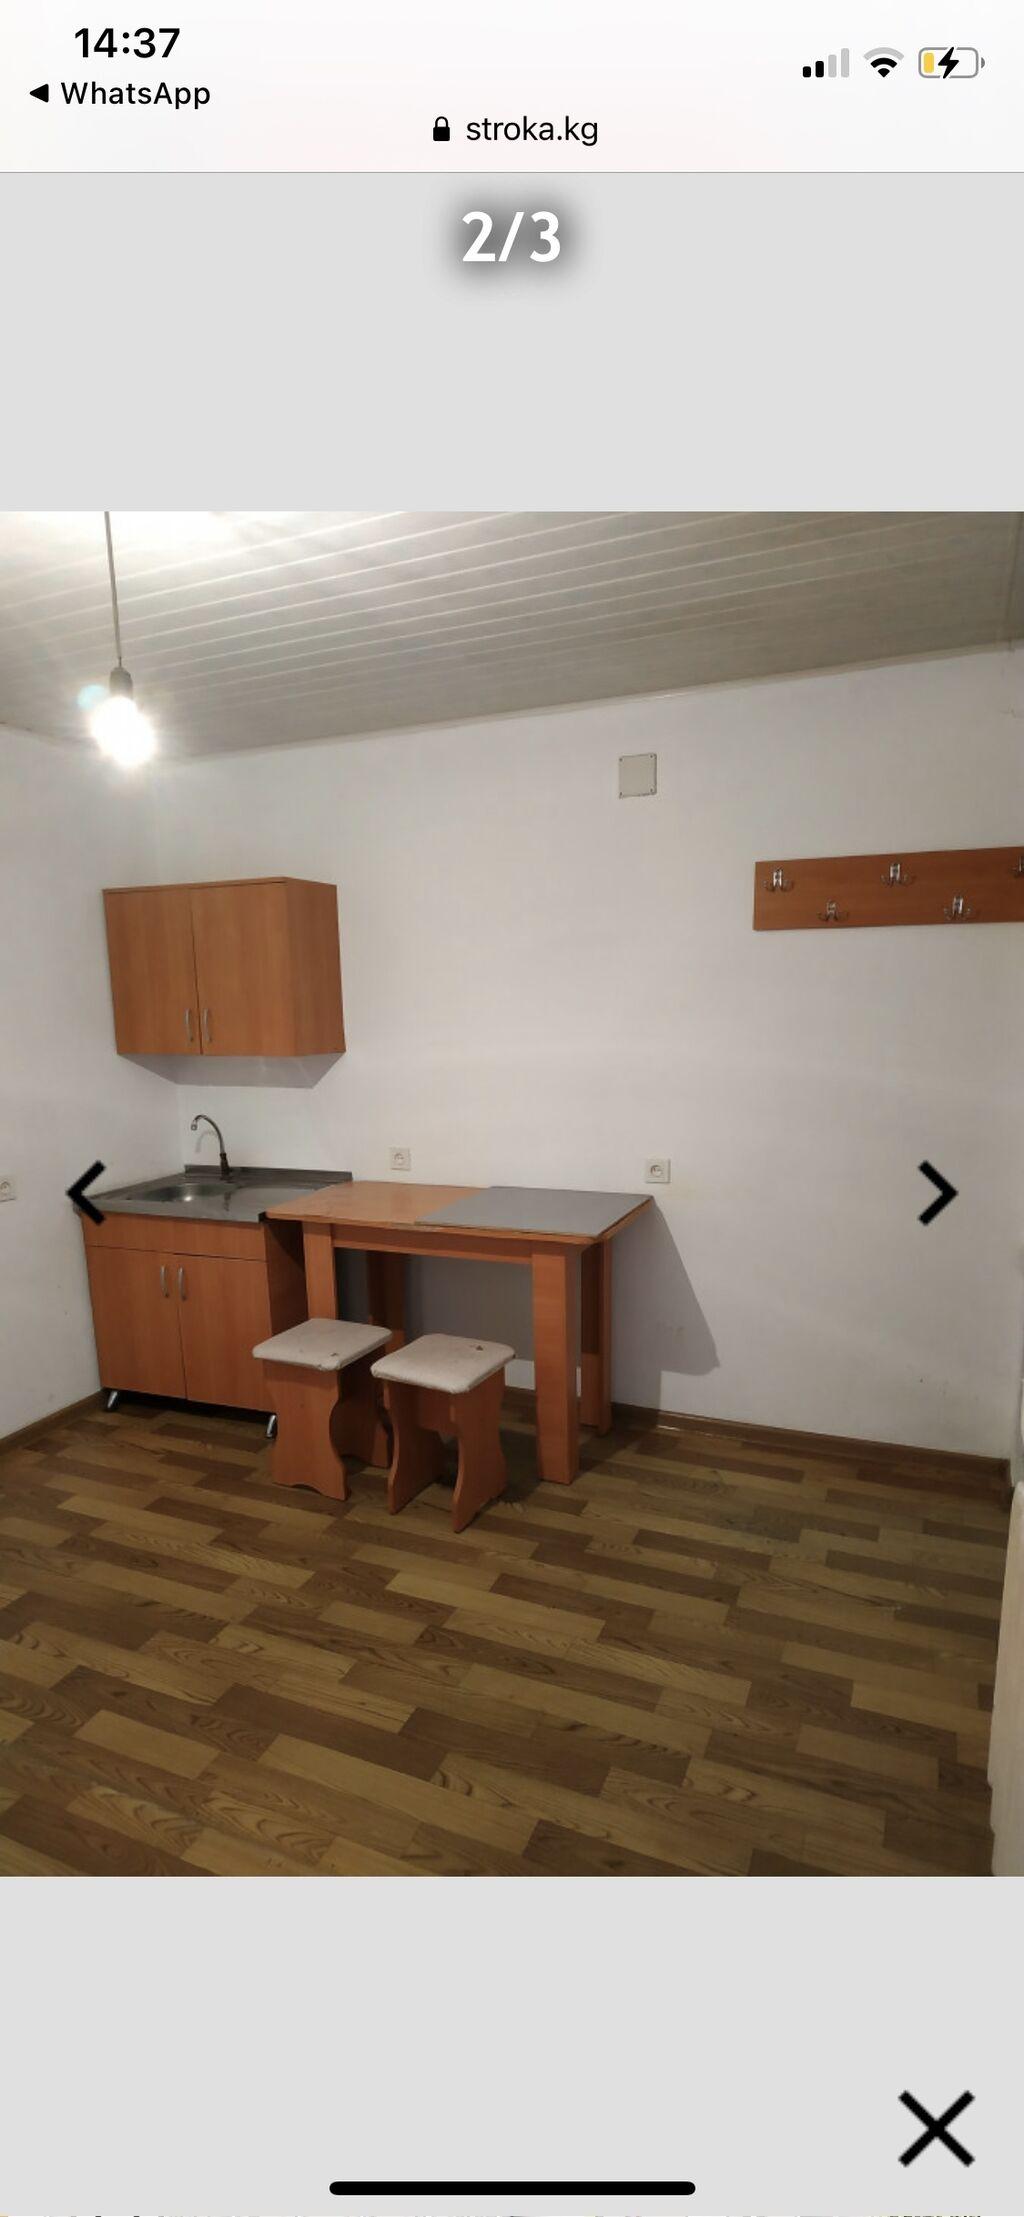 ТЭЦ ул. Лермонтова   Комната: 1 С квартирантами.  1 комнатный частный: ТЭЦ ул. Лермонтова   Комната: 1 С квартирантами.  1 комнатный частный